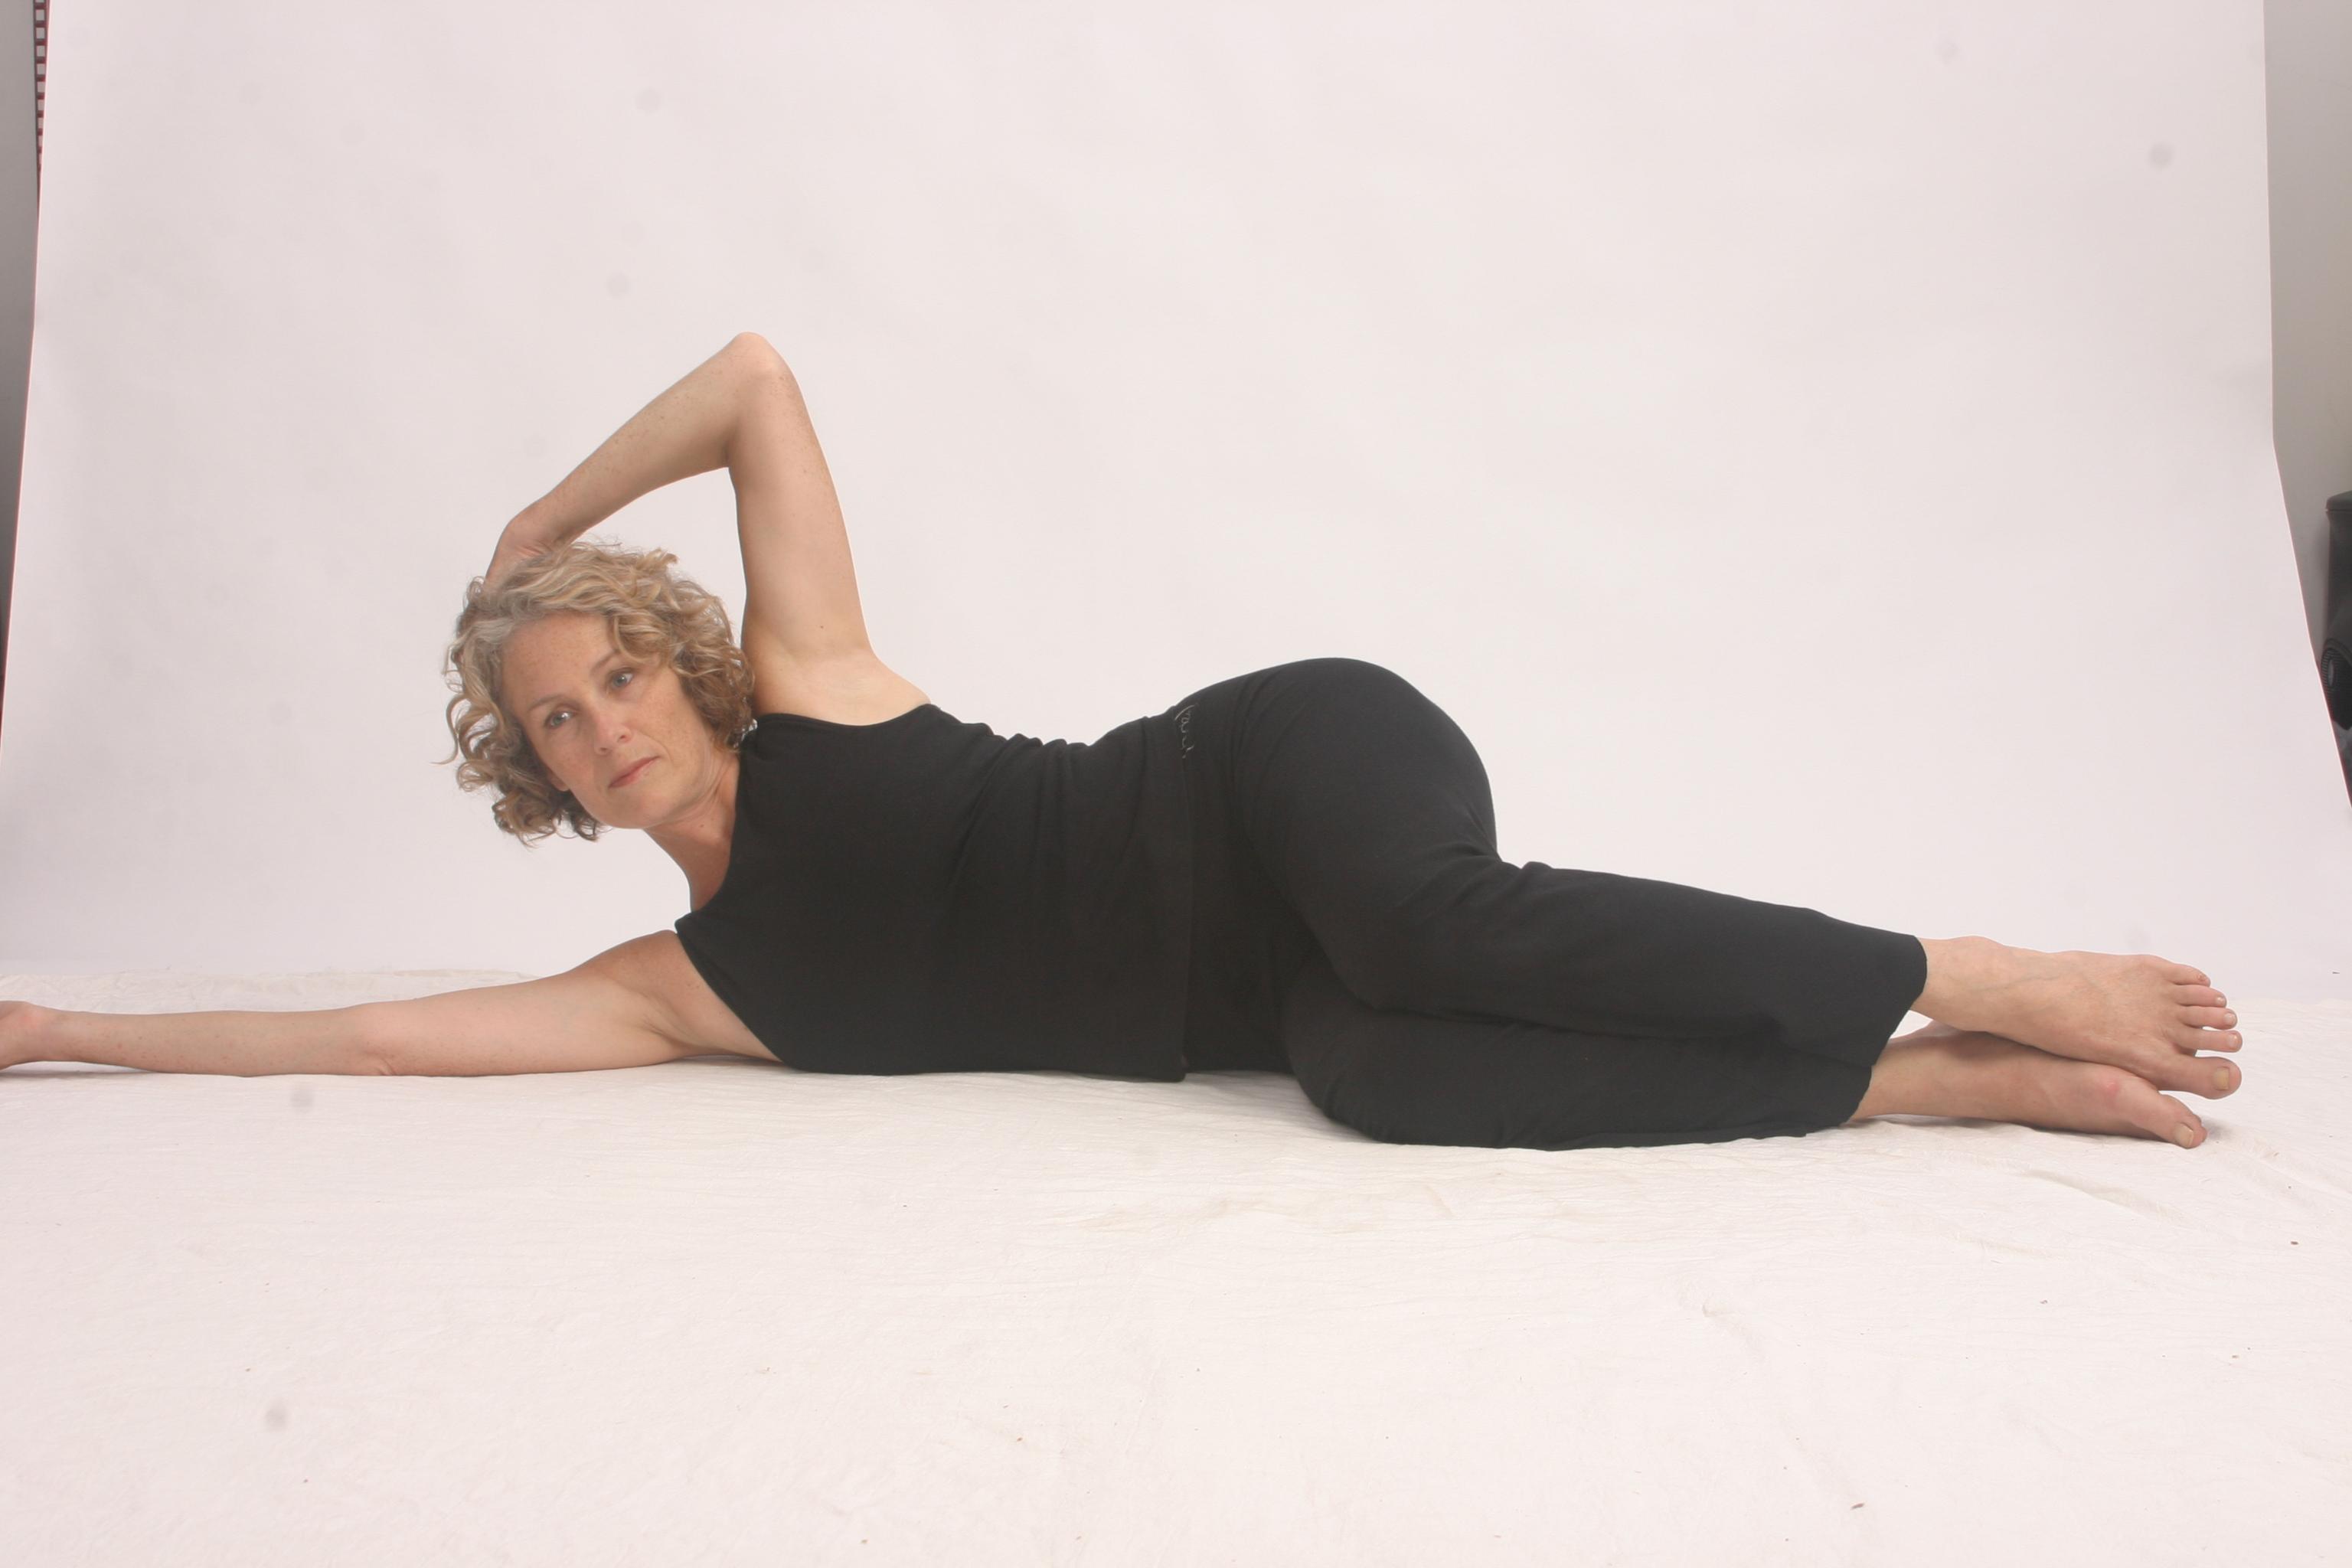 Bridget fonda fabulous legs